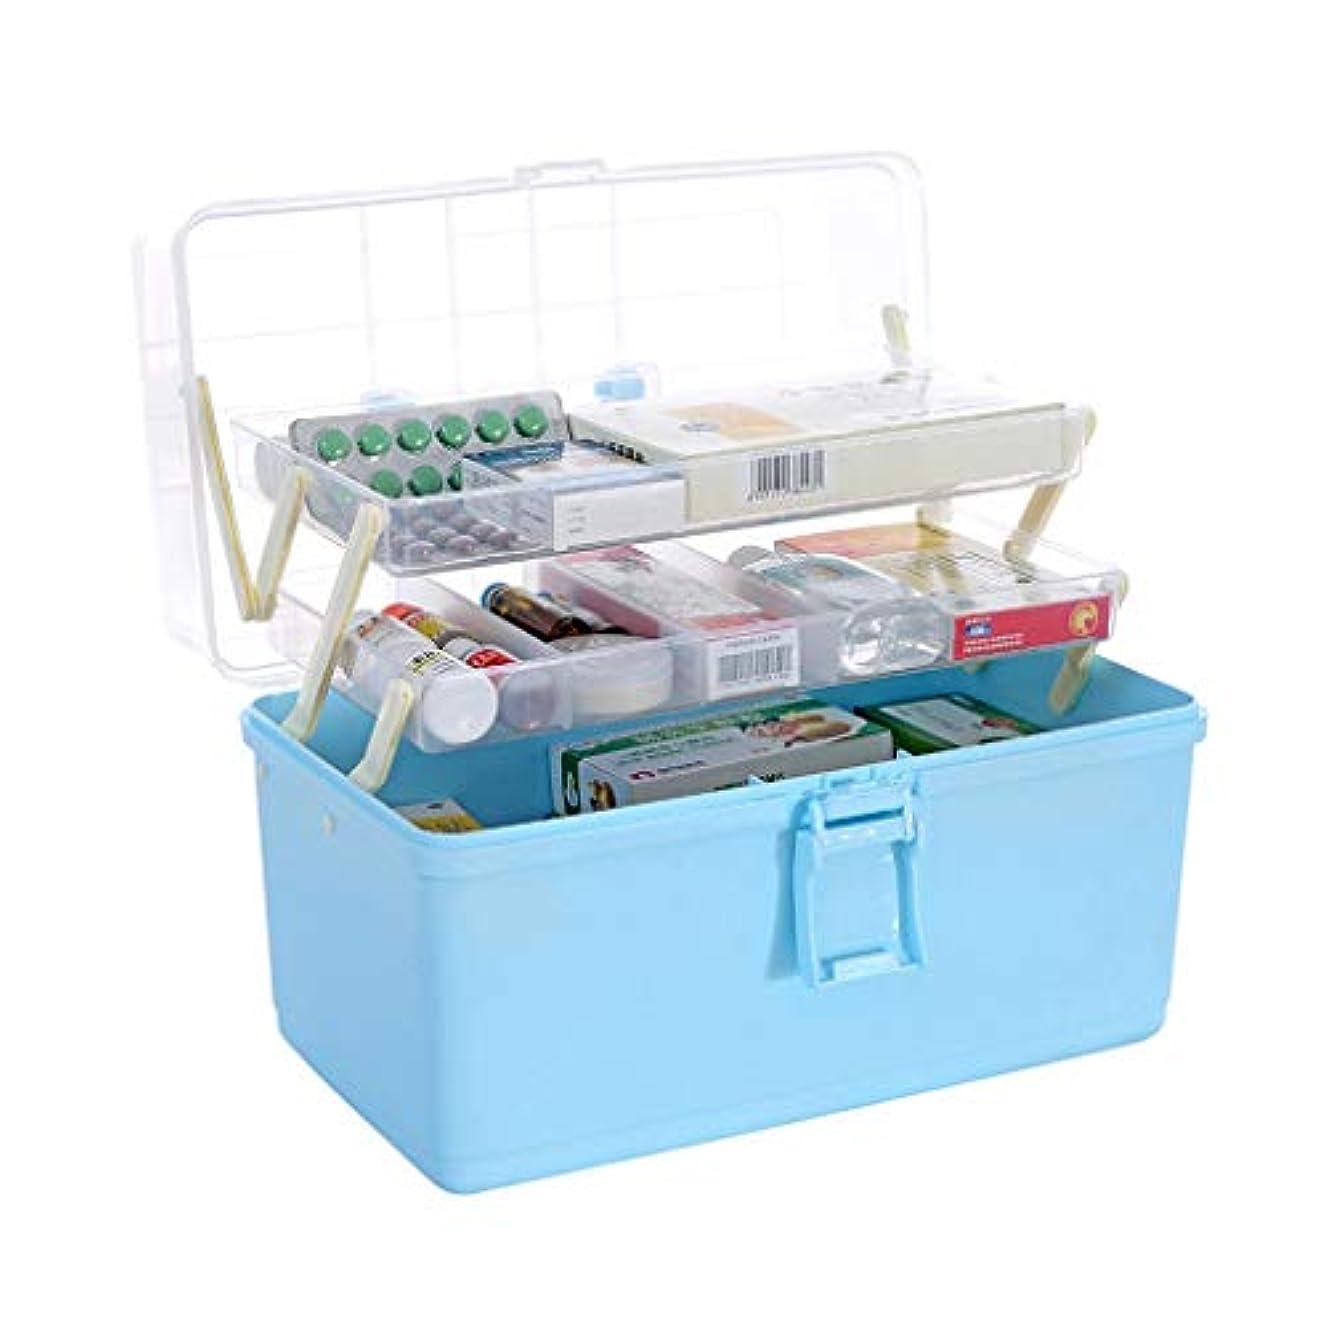 感謝祭余剰精査医院からの多層薬箱の家の大容量の医学の緊急時の薬の収納箱 HUXIUPING (Color : Blue)